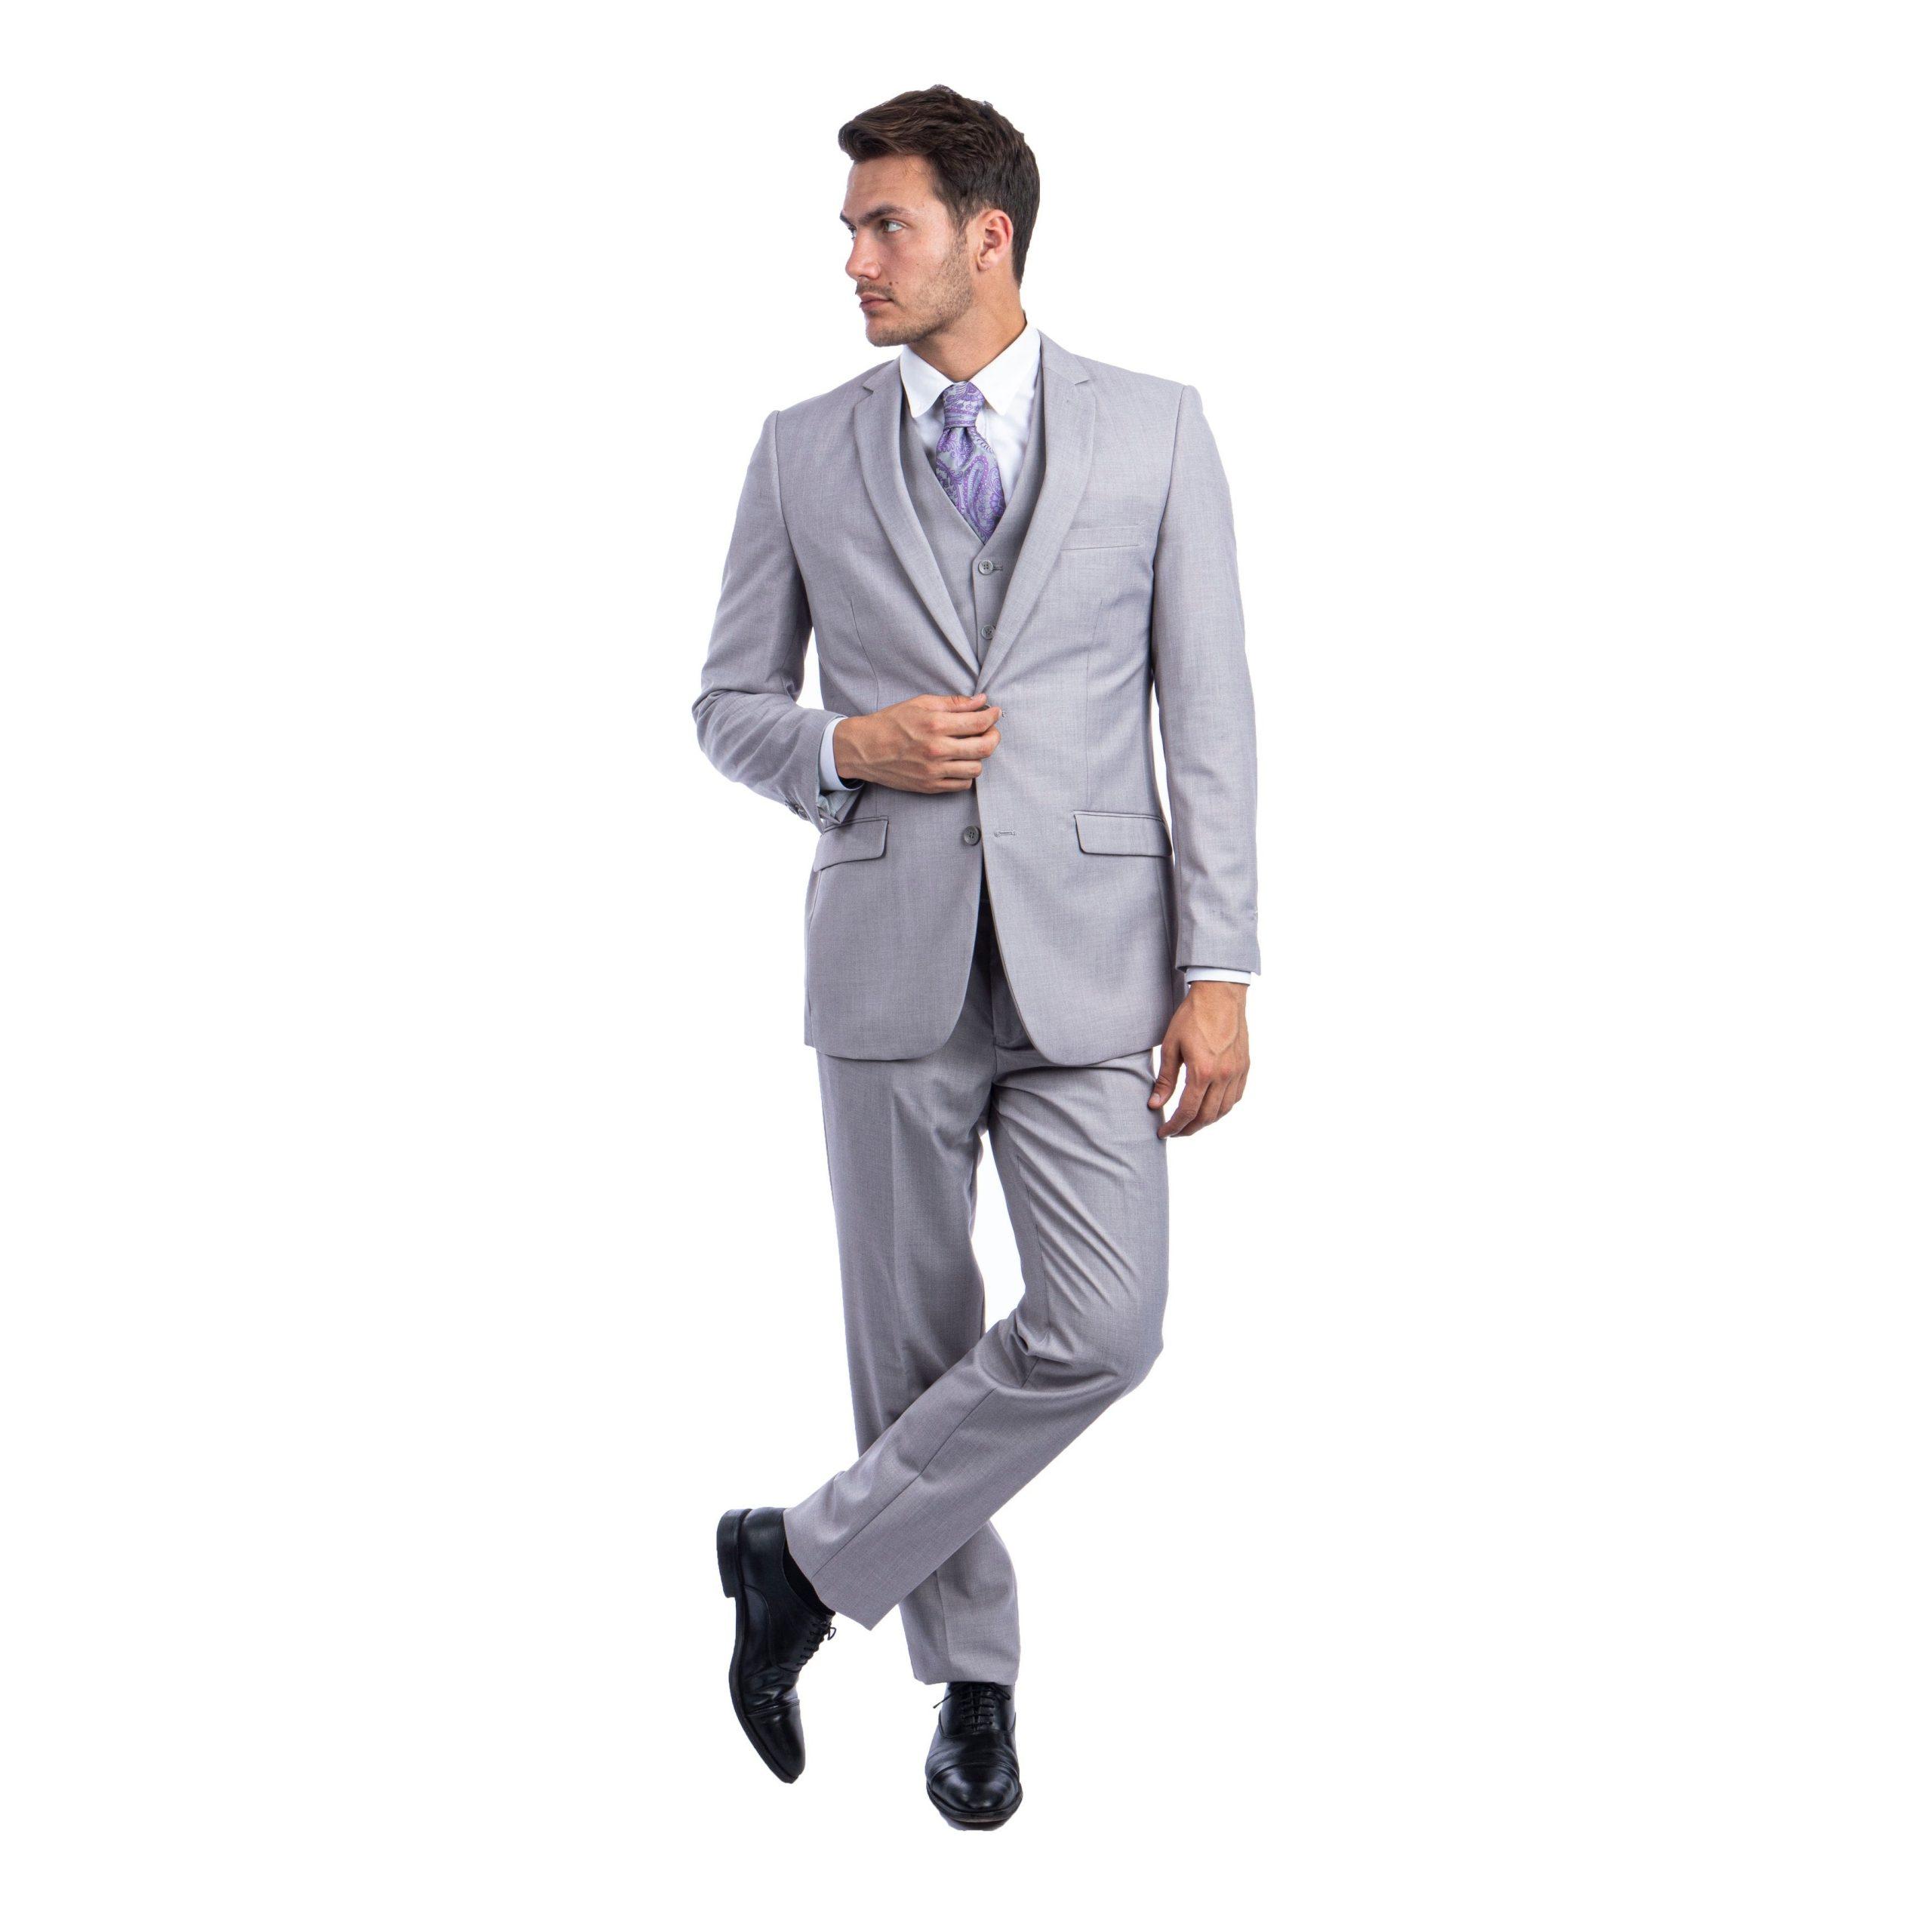 کت و شلوار خاکستری با کراوات خا و کفش مشکی مناسب عید 99